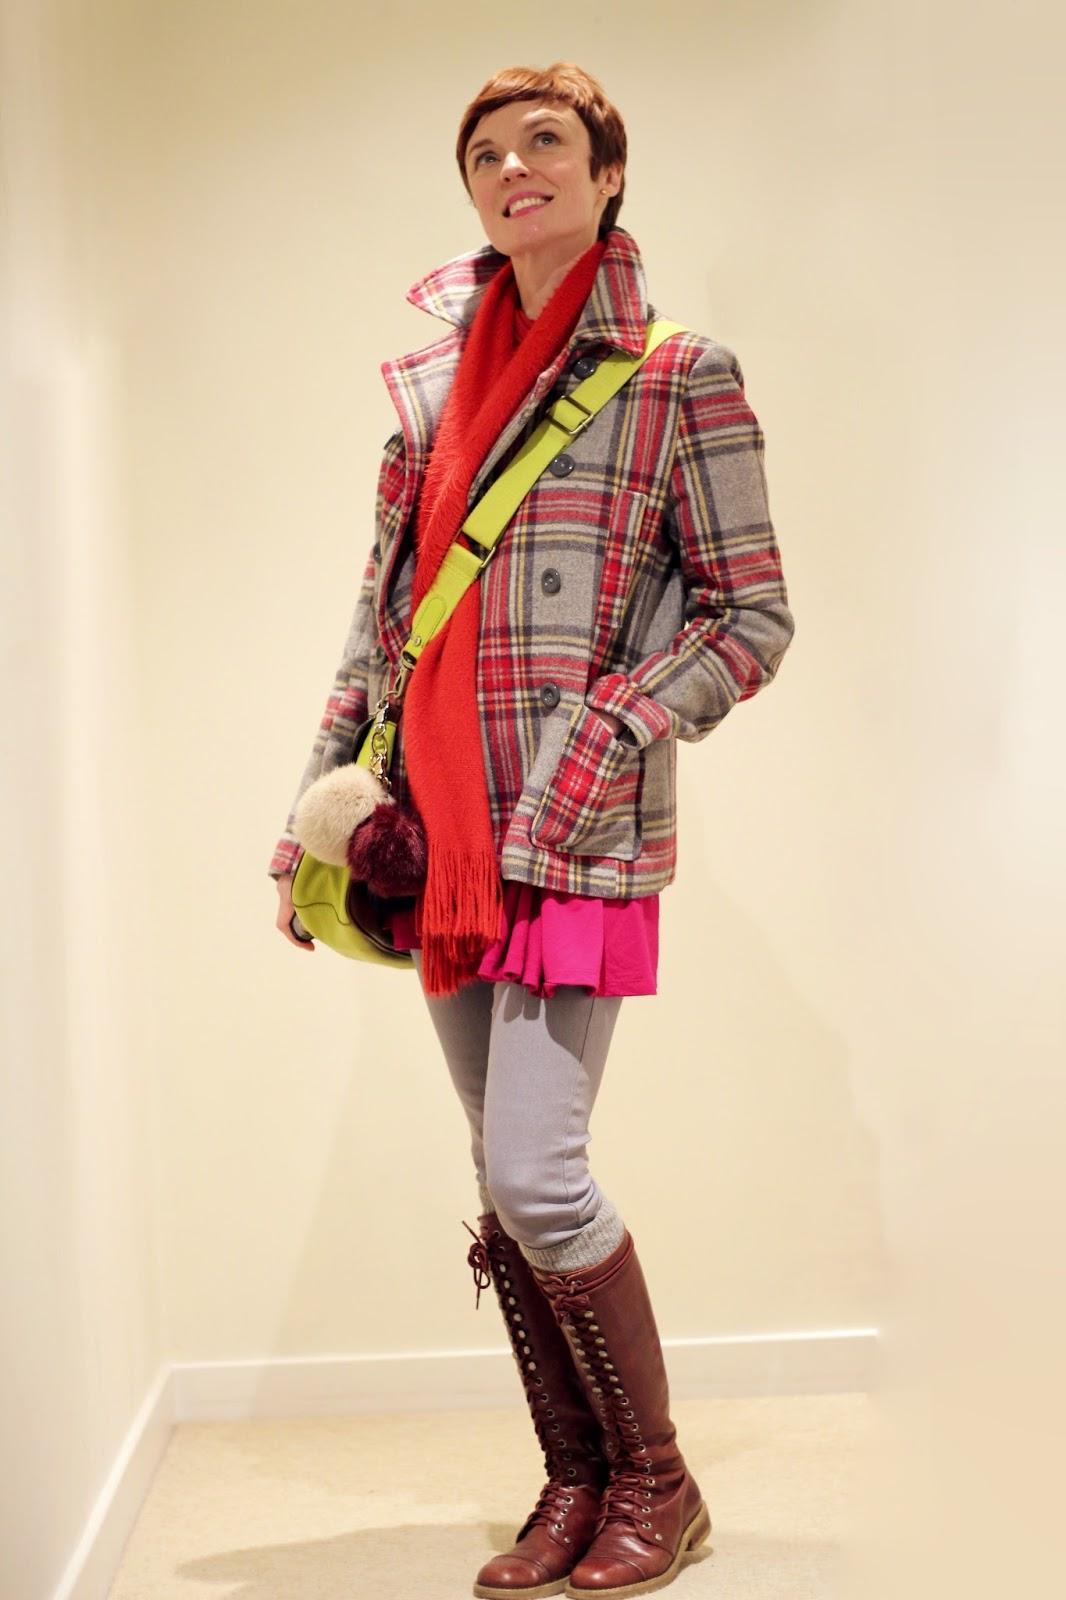 Hot pink, neon yellow, tartan & grey | Fake Fabulous